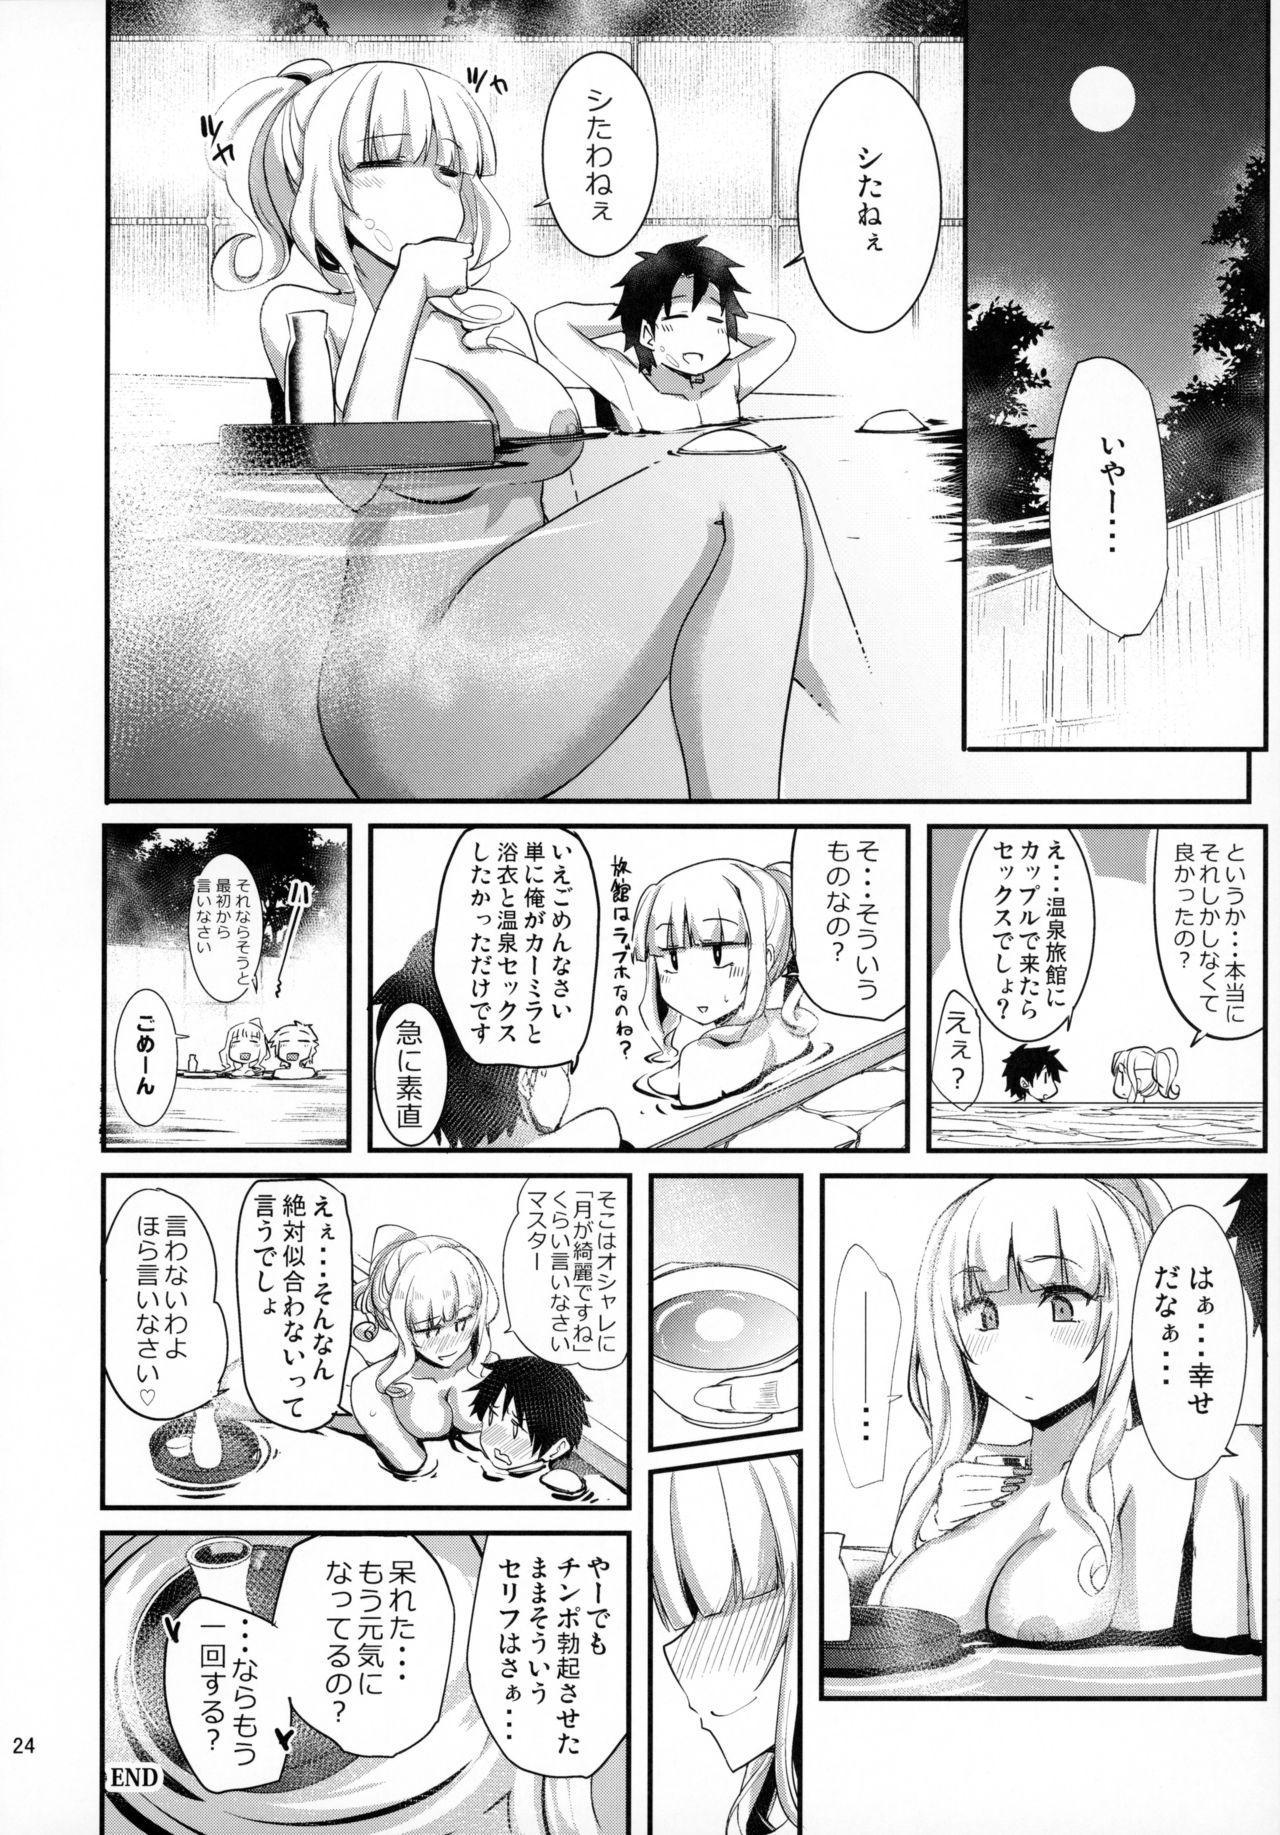 Carmilla-san to Onsen Ryokan de Shita Koto no Zenbu. 22